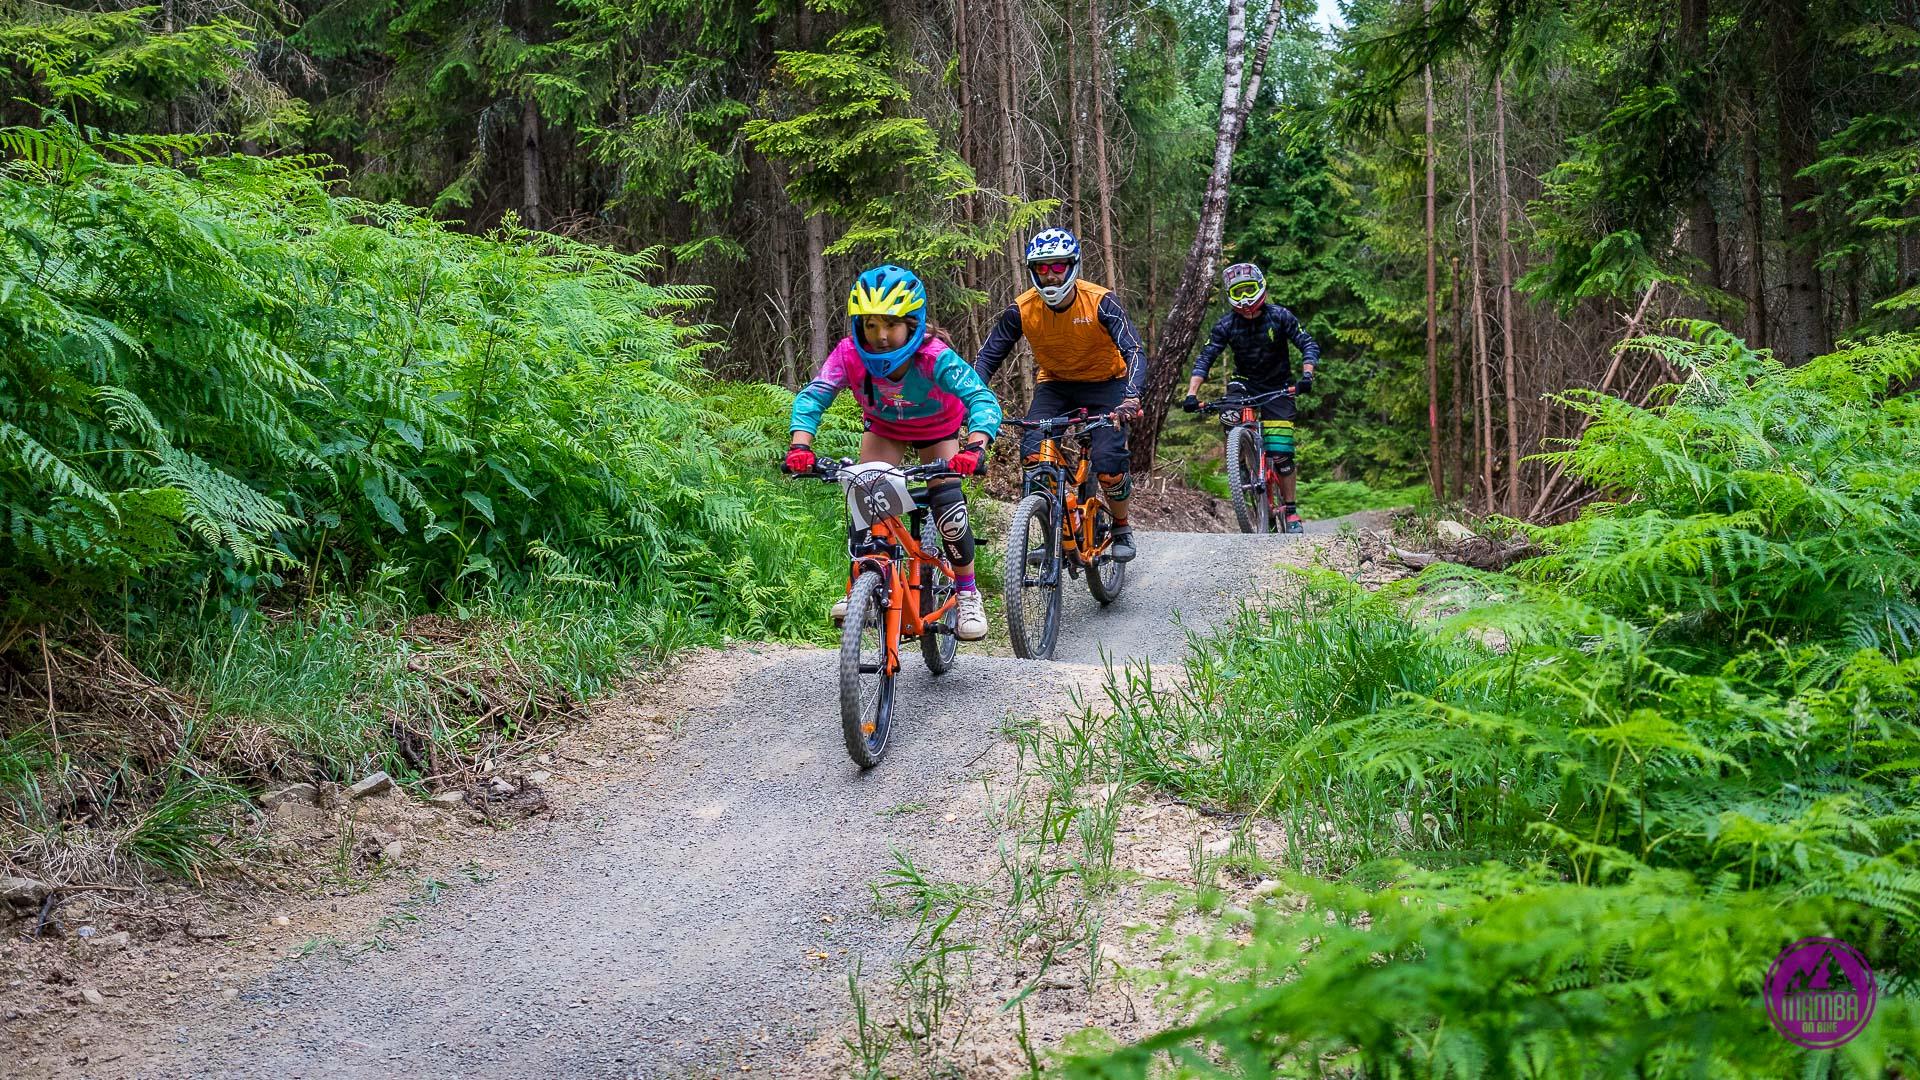 Wisła Skolnity - the trail